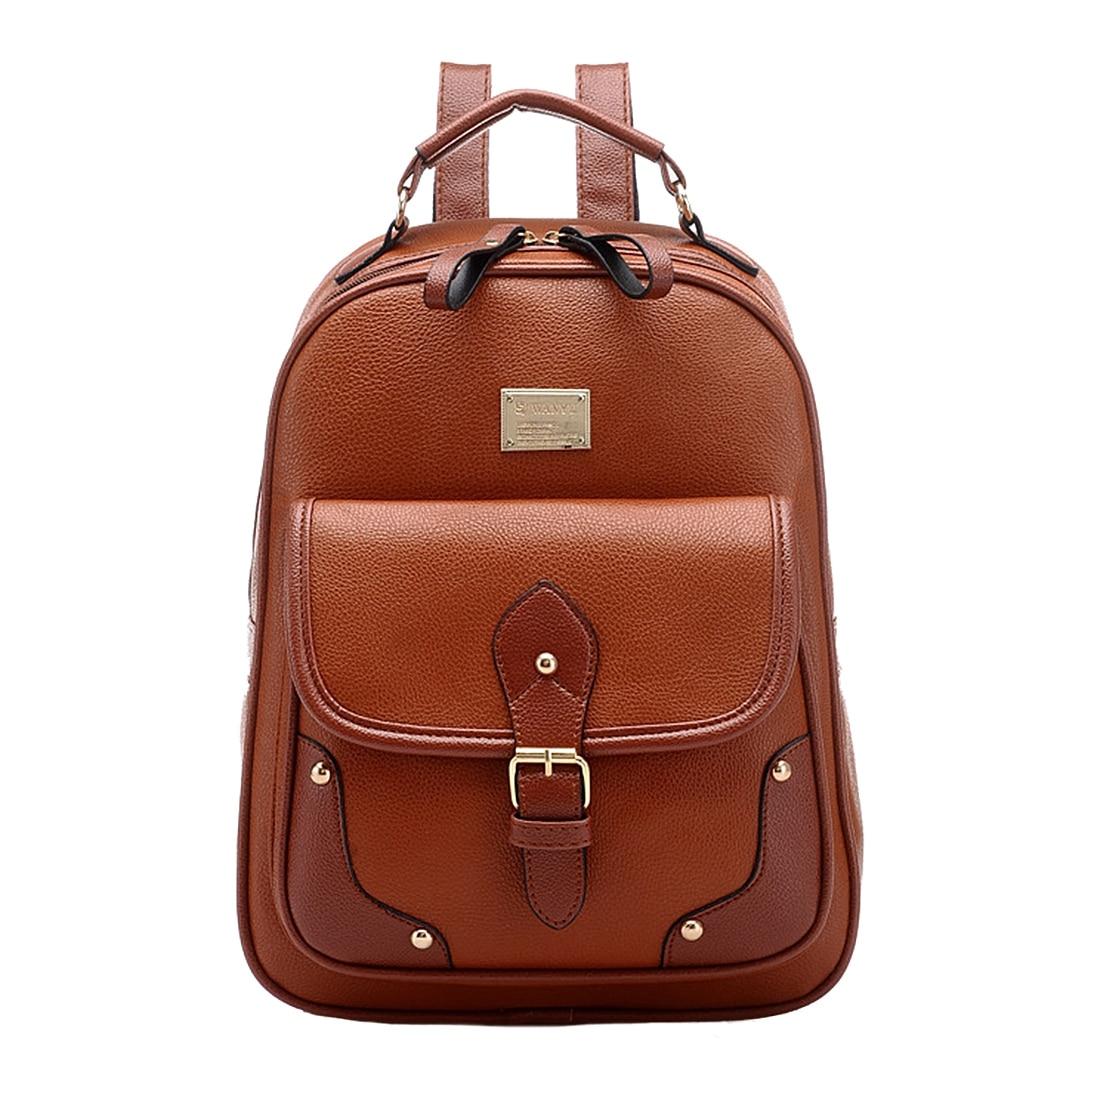 BEAU Vintage Leather Backpack Rucksack Shoulder  School Bag Knapsack Brown